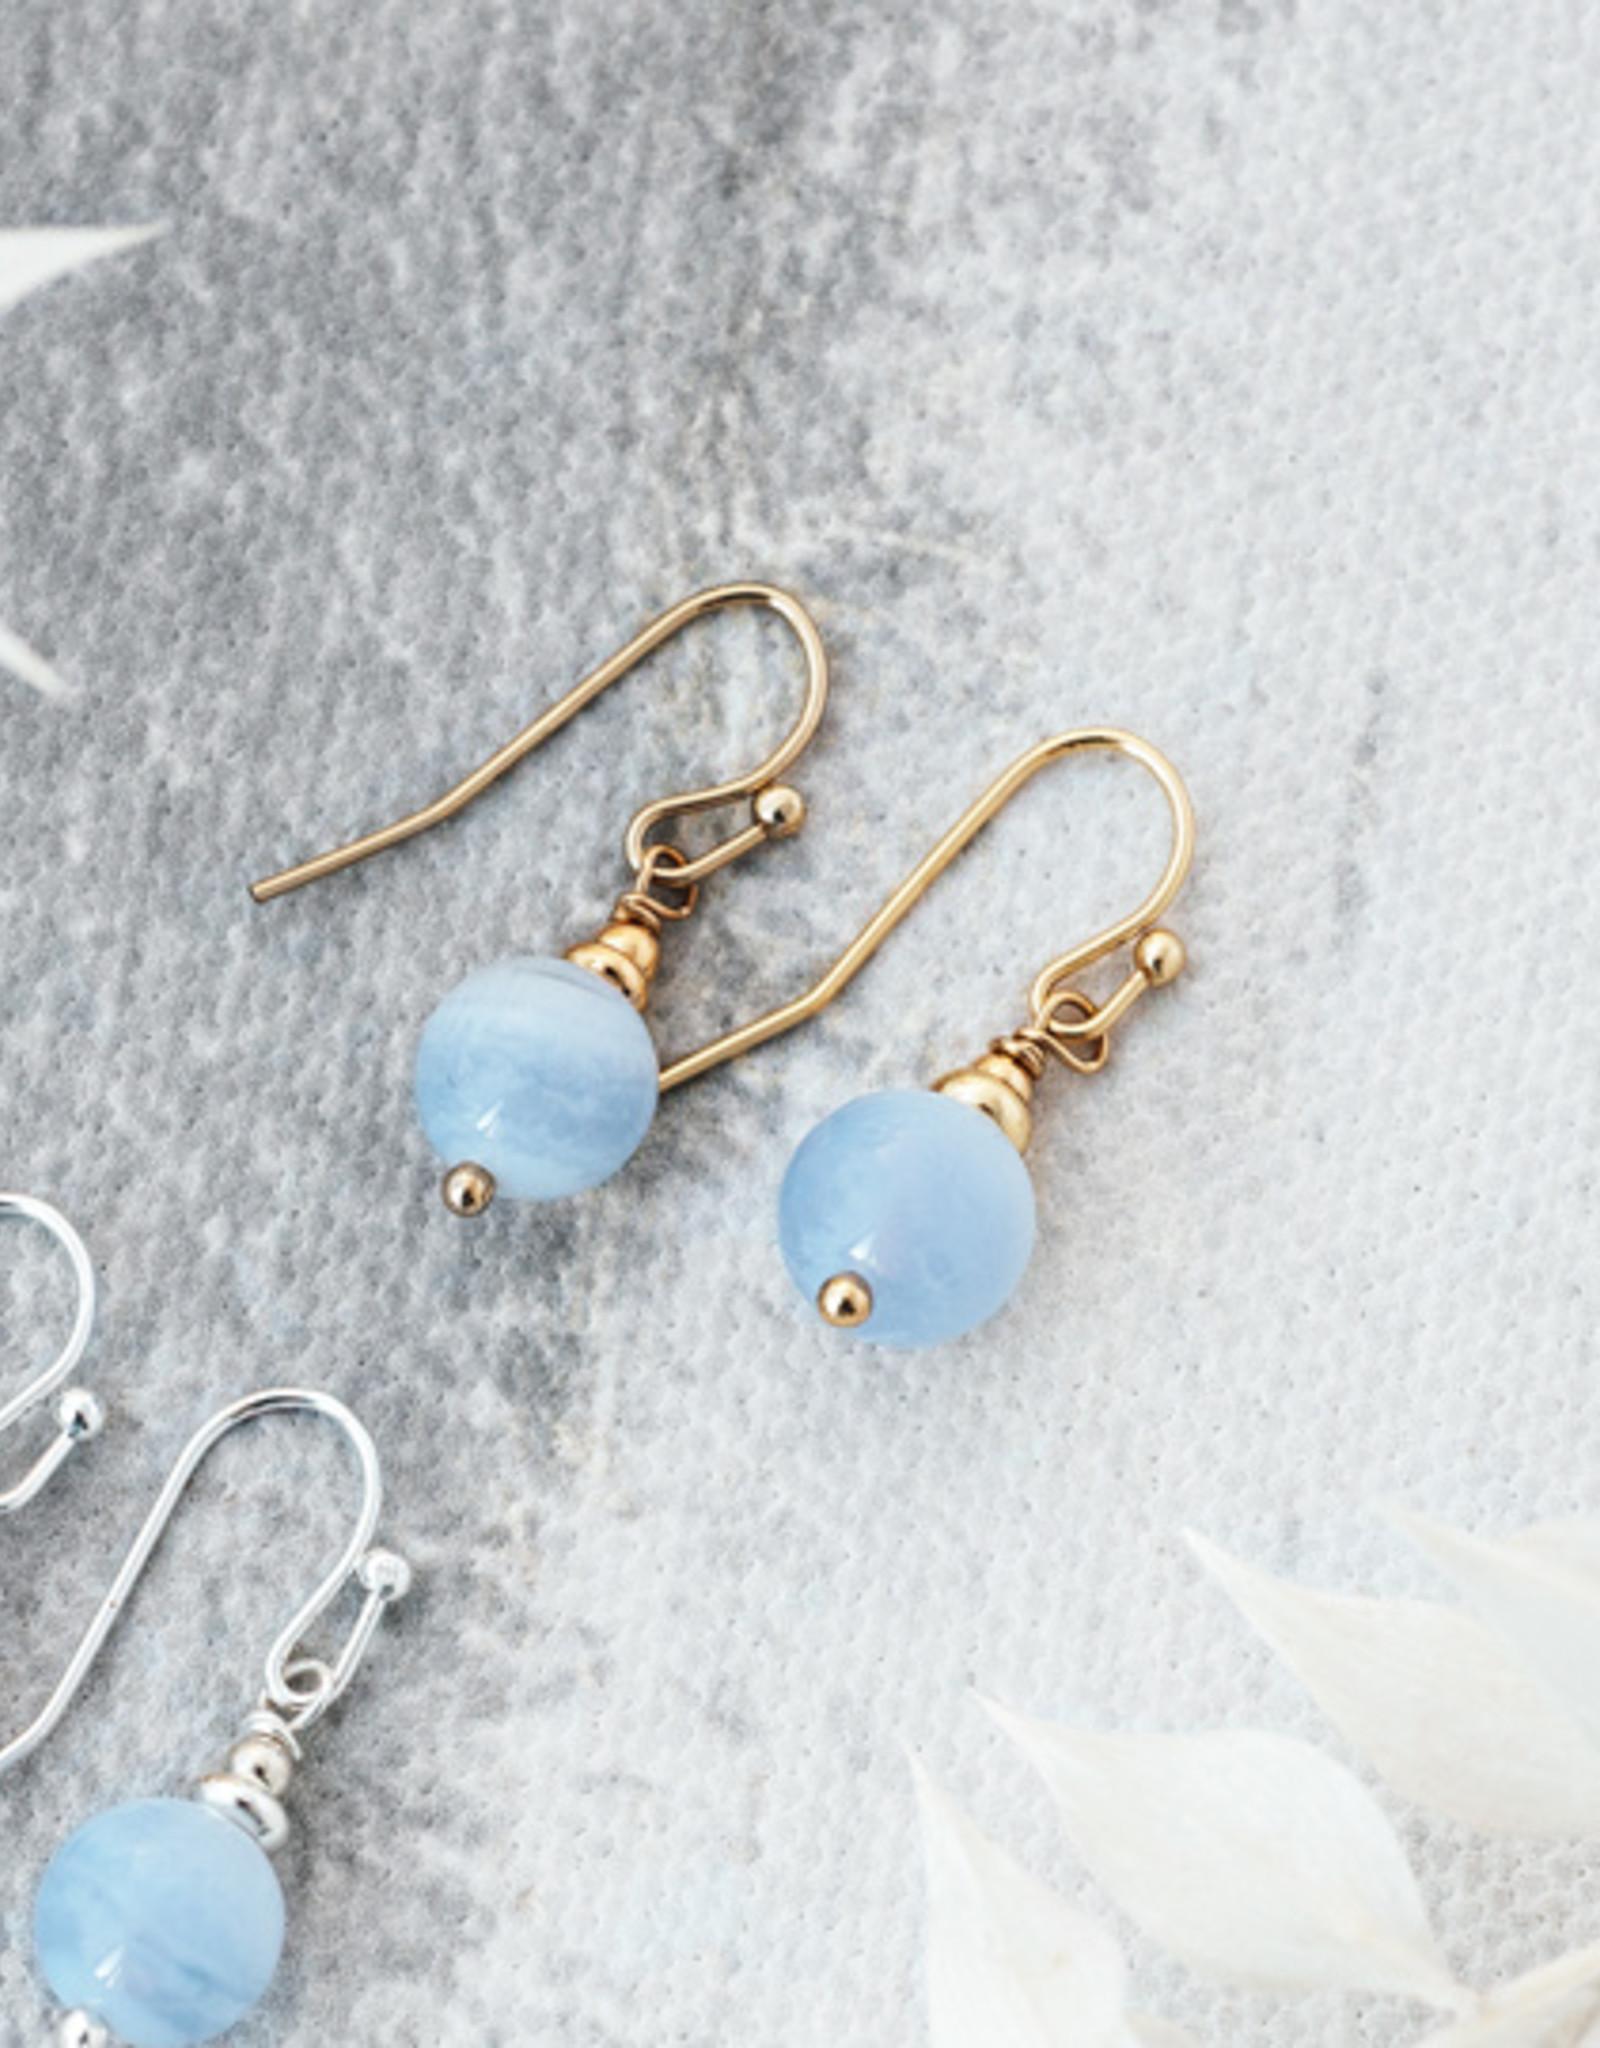 Boucles d'oreilles Mingle agate bleue or